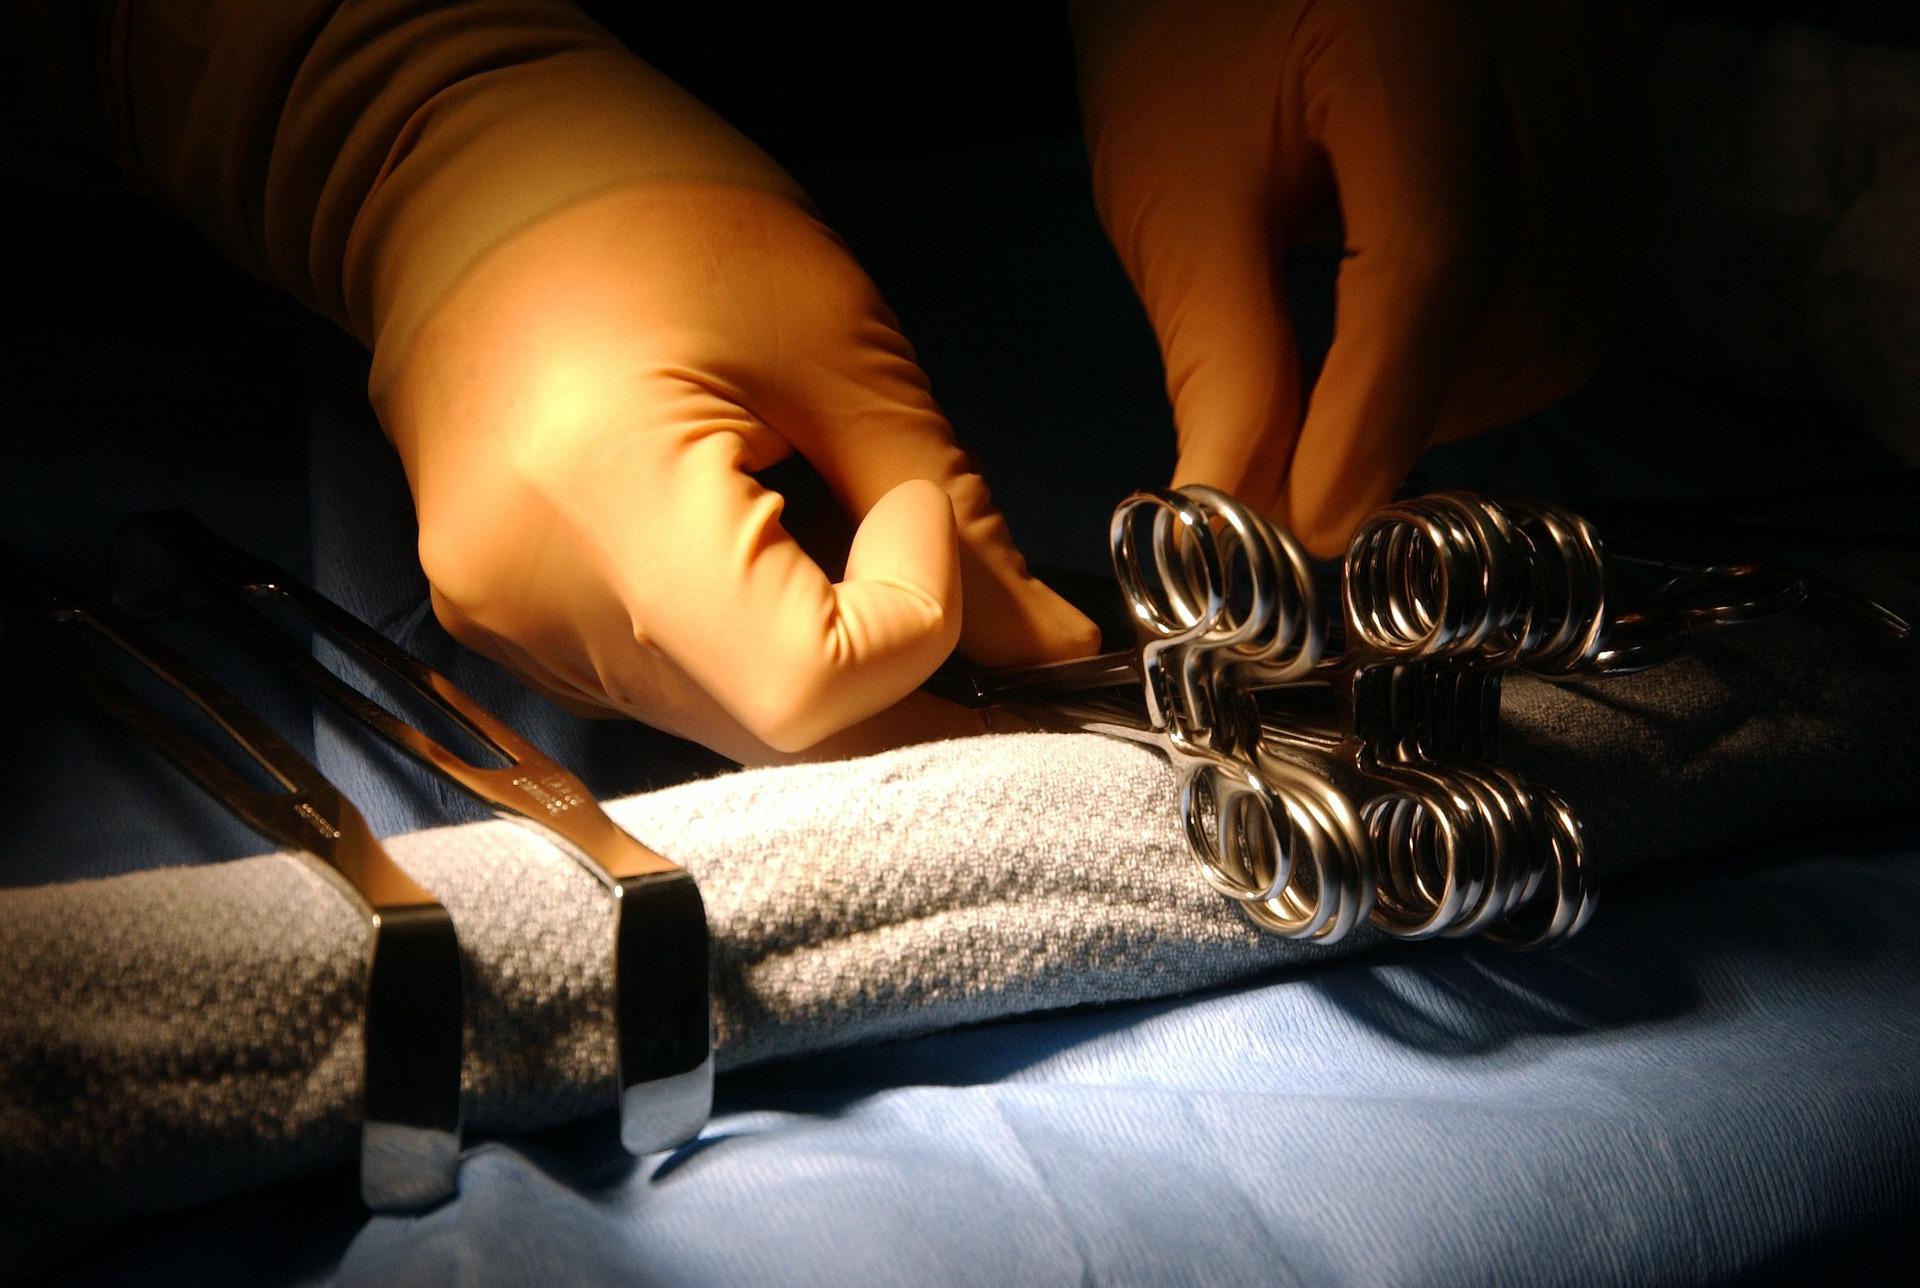 Si opera alla tiroide: si risveglia viso devastato, senza naso  agghiacciante - VelvetGossip